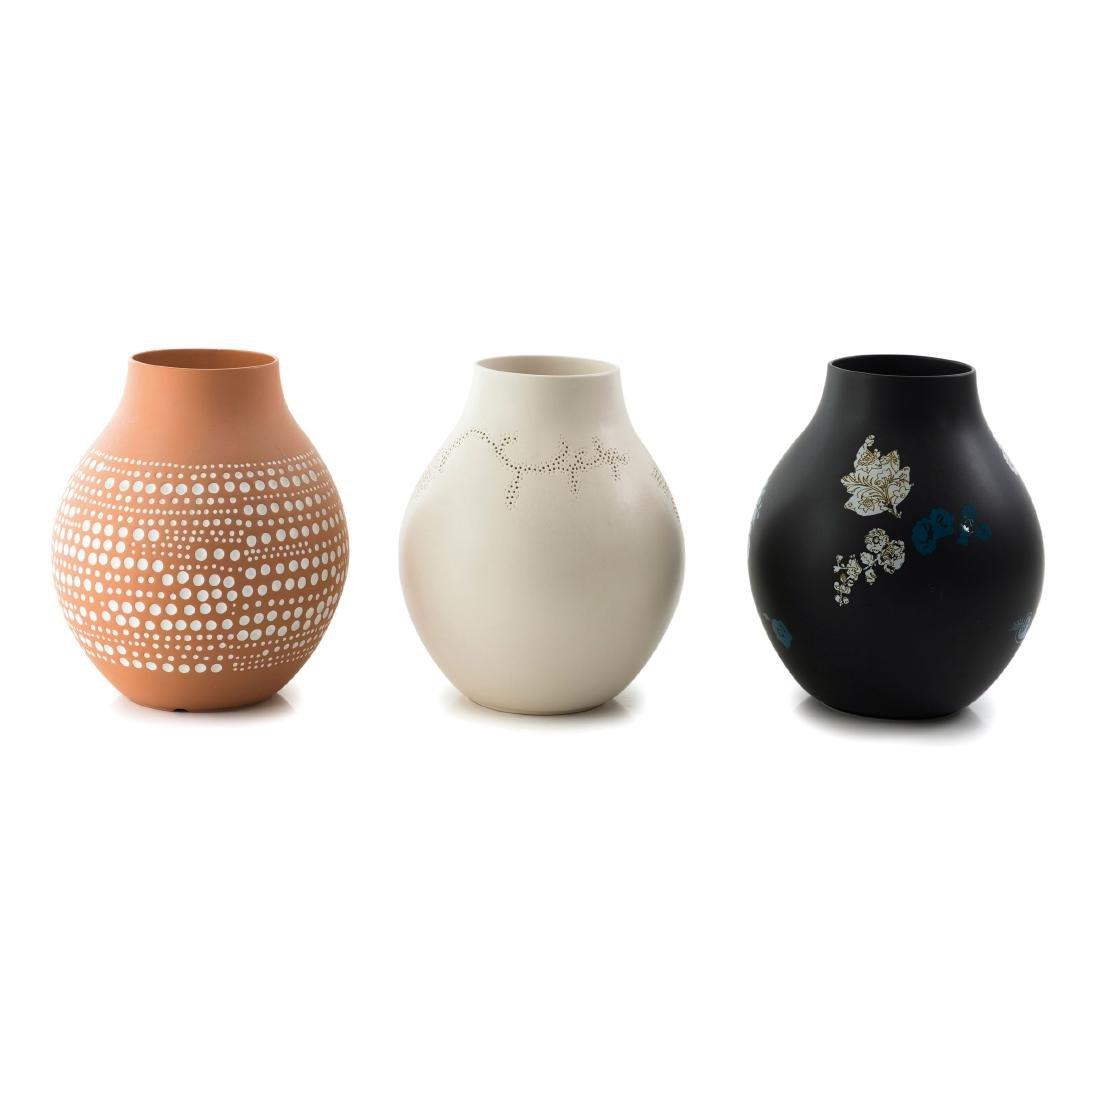 Three 'IKEA' vases, 2005